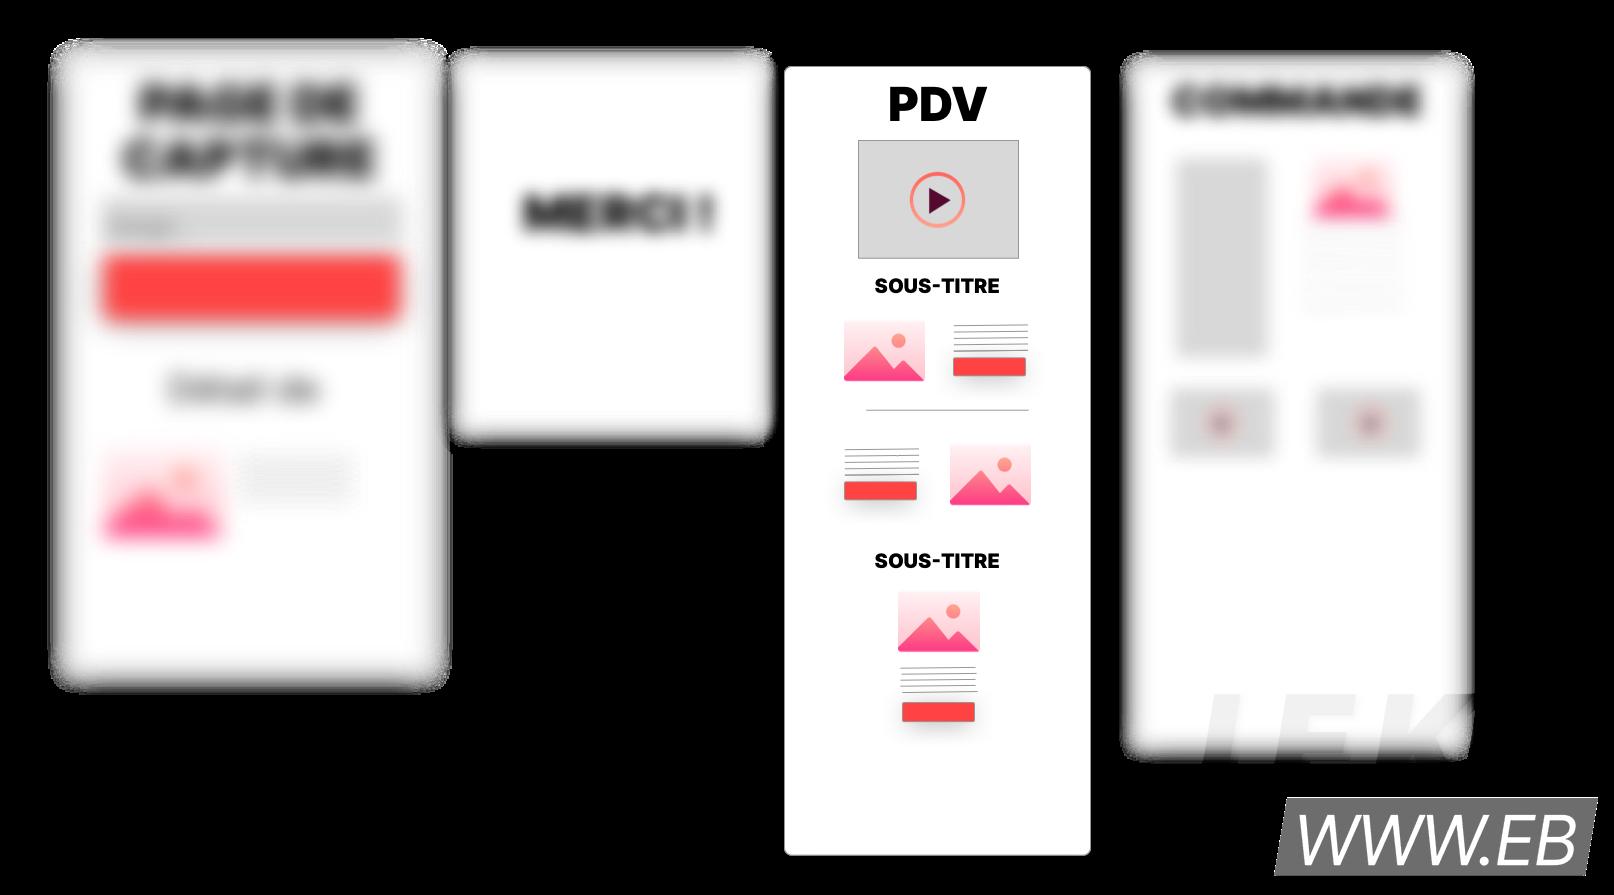 Schéma de tunnel de vente mettant en avant la page de vente